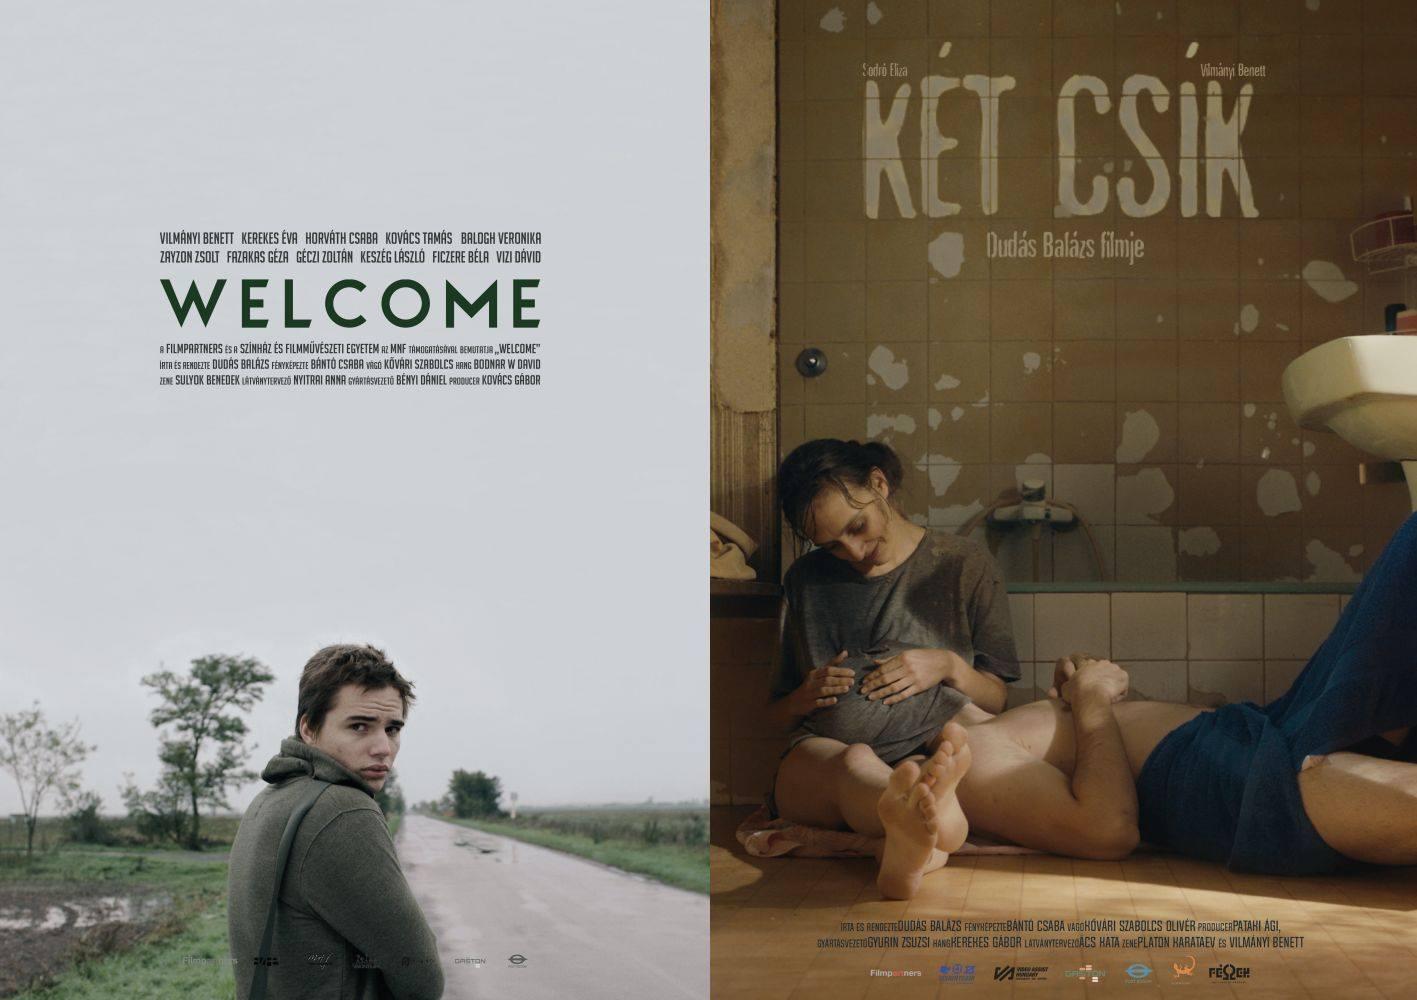 Welcome-KétCsík